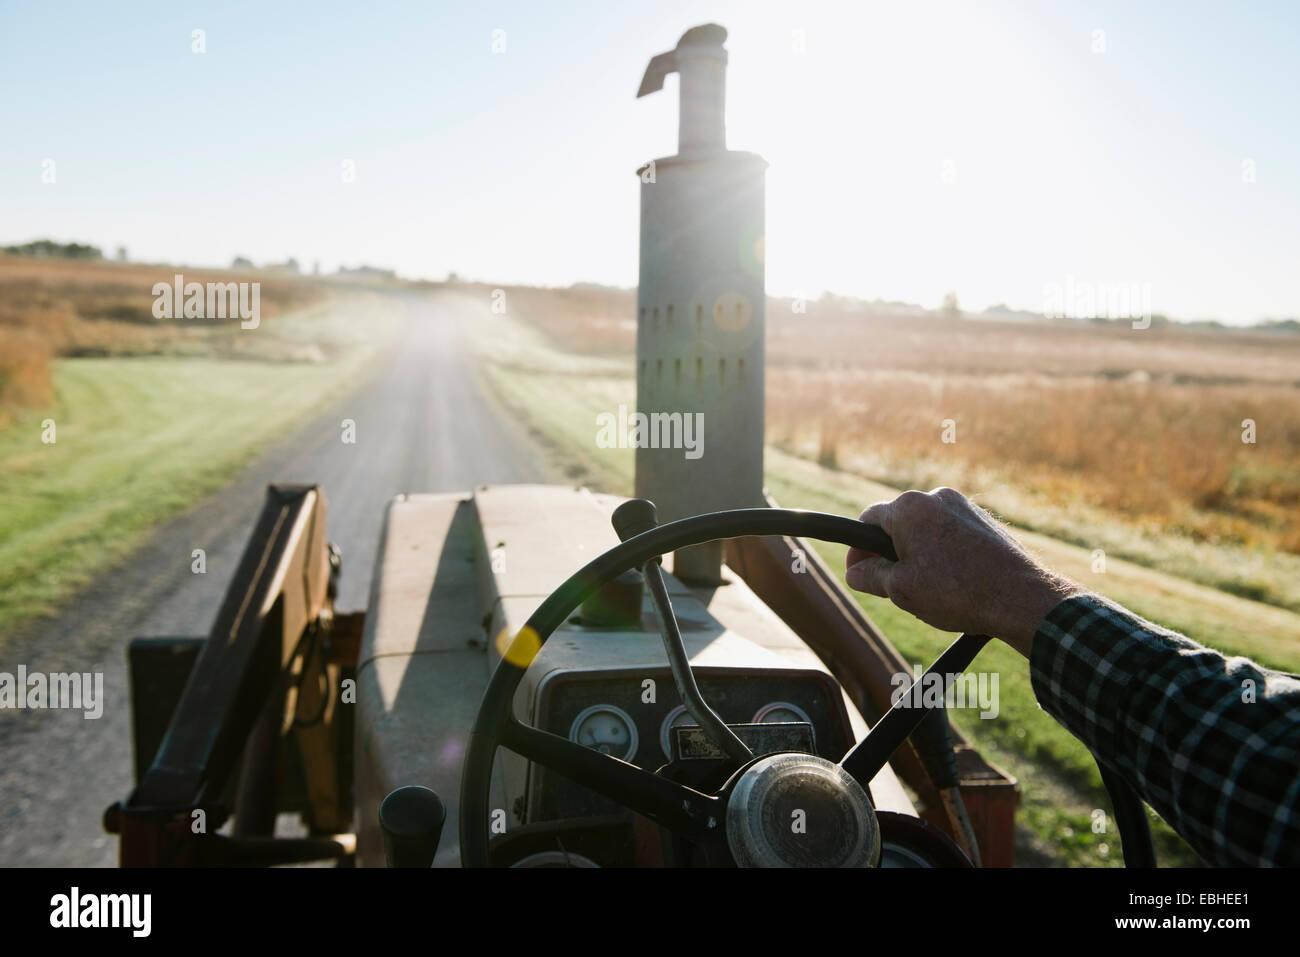 Schulter-Blick über senior männlichen Bauer Traktor fahren auf der Landstraße, Plattsburg, Missouri, Stockbild